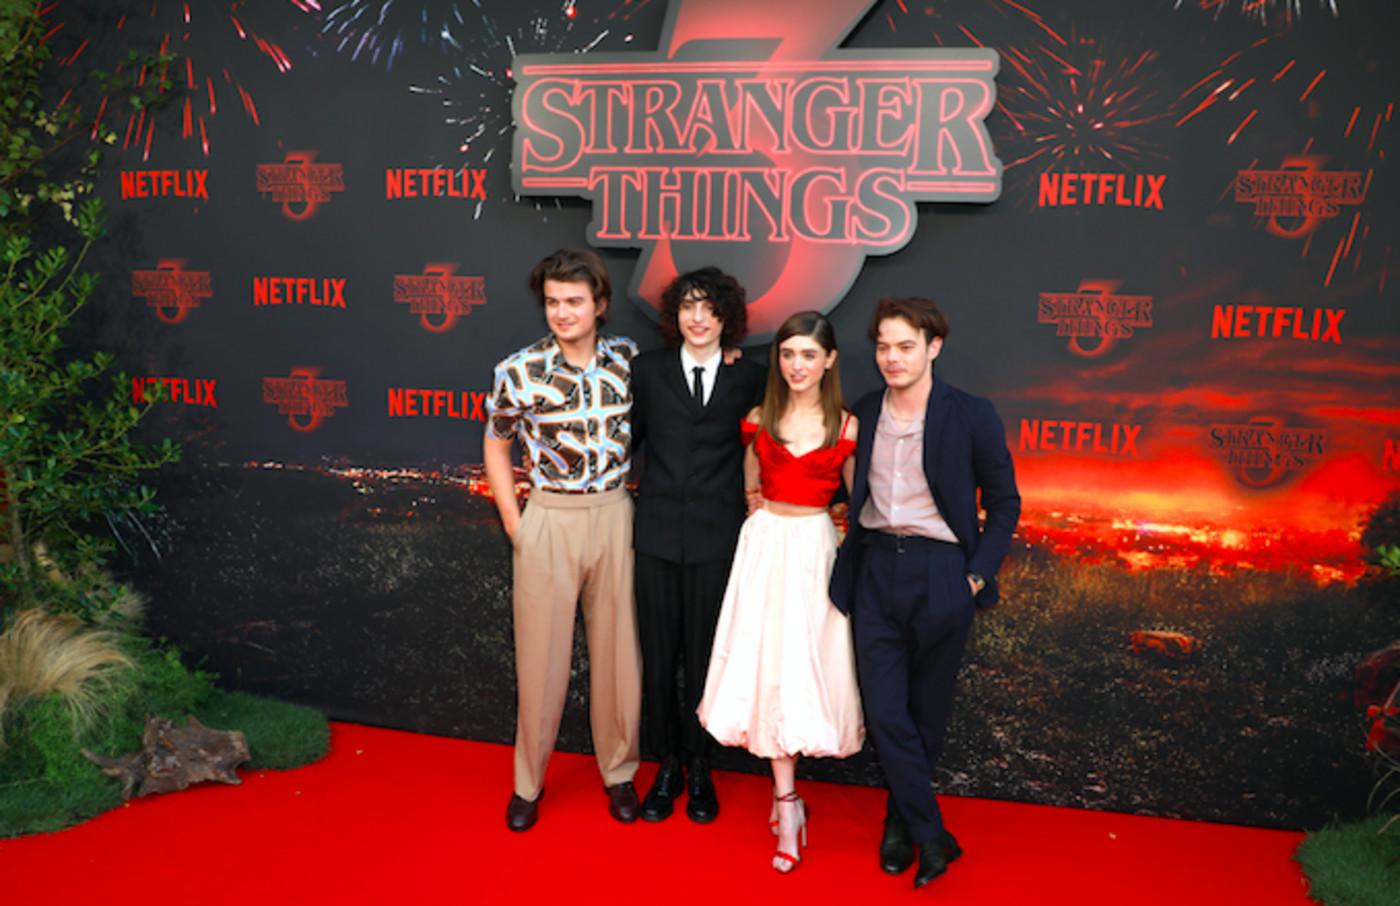 'Stranger Things' cast